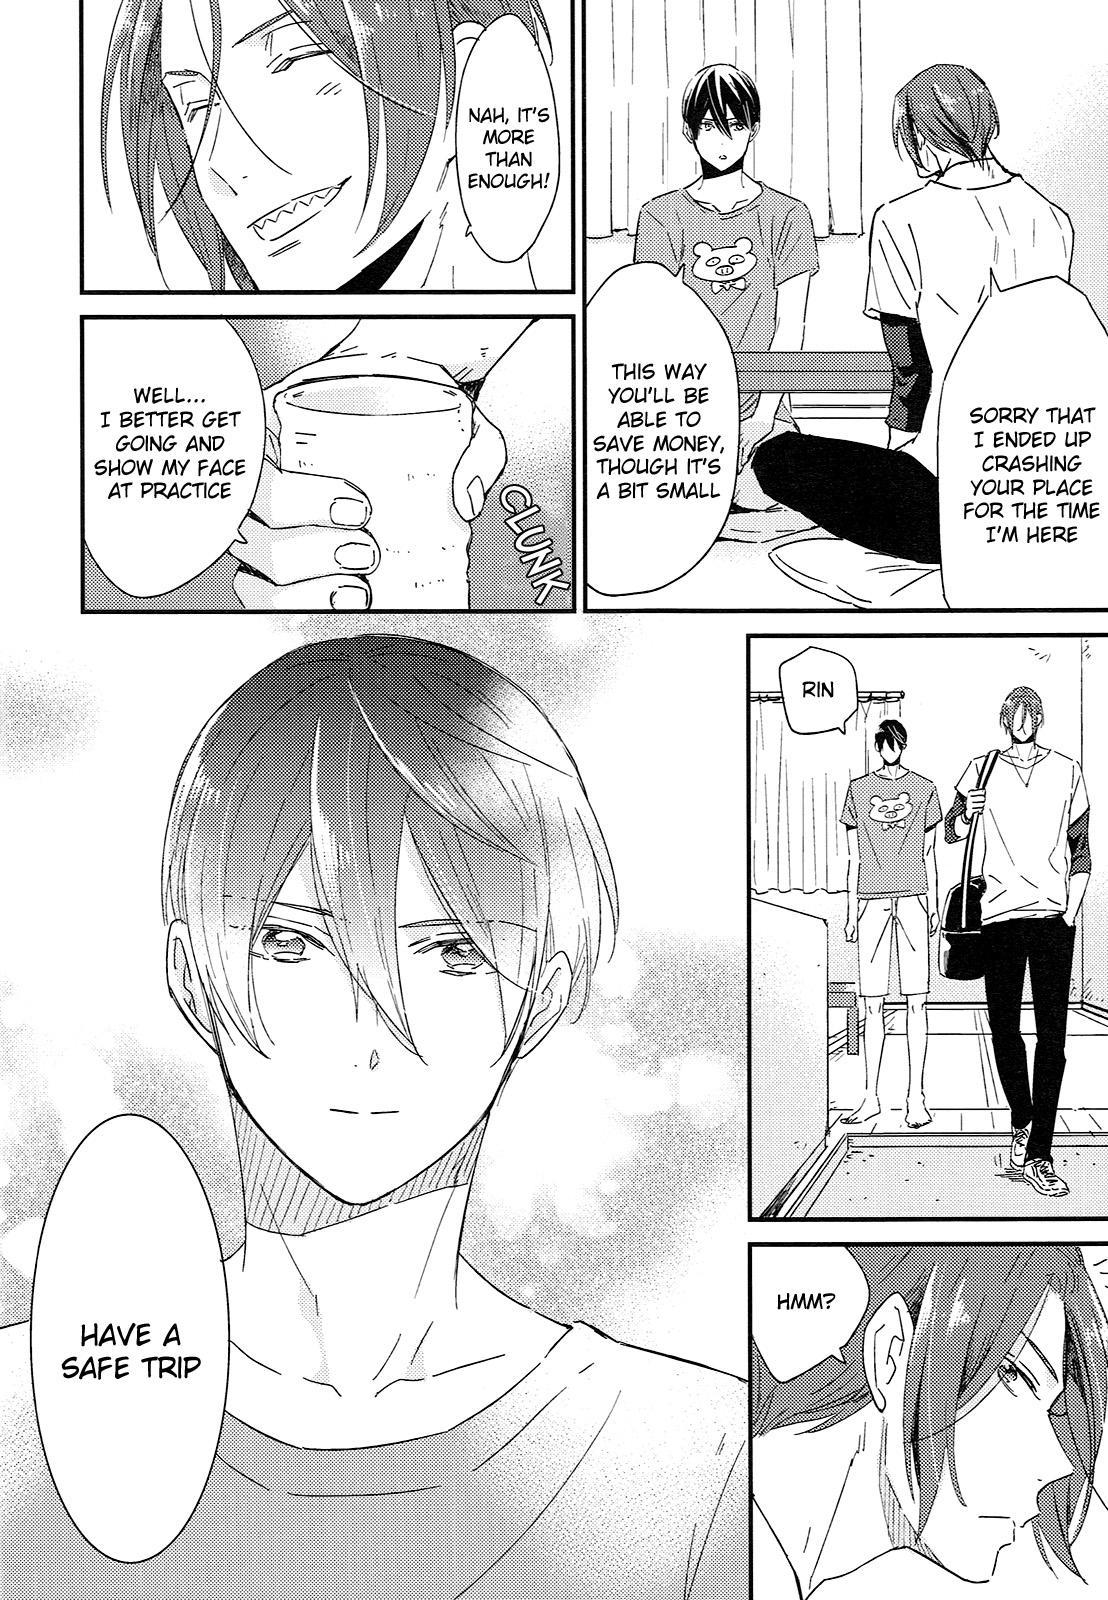 (SUPER24) [KANGAROO KICK (Takagi Takumi)] Matsuoka Rin no Shinkon Seikatsu (Kari) | Matsuoka Rin's Newly-Wed Life (Provisional) (Free!) [English] [Holy Mackerel] 4